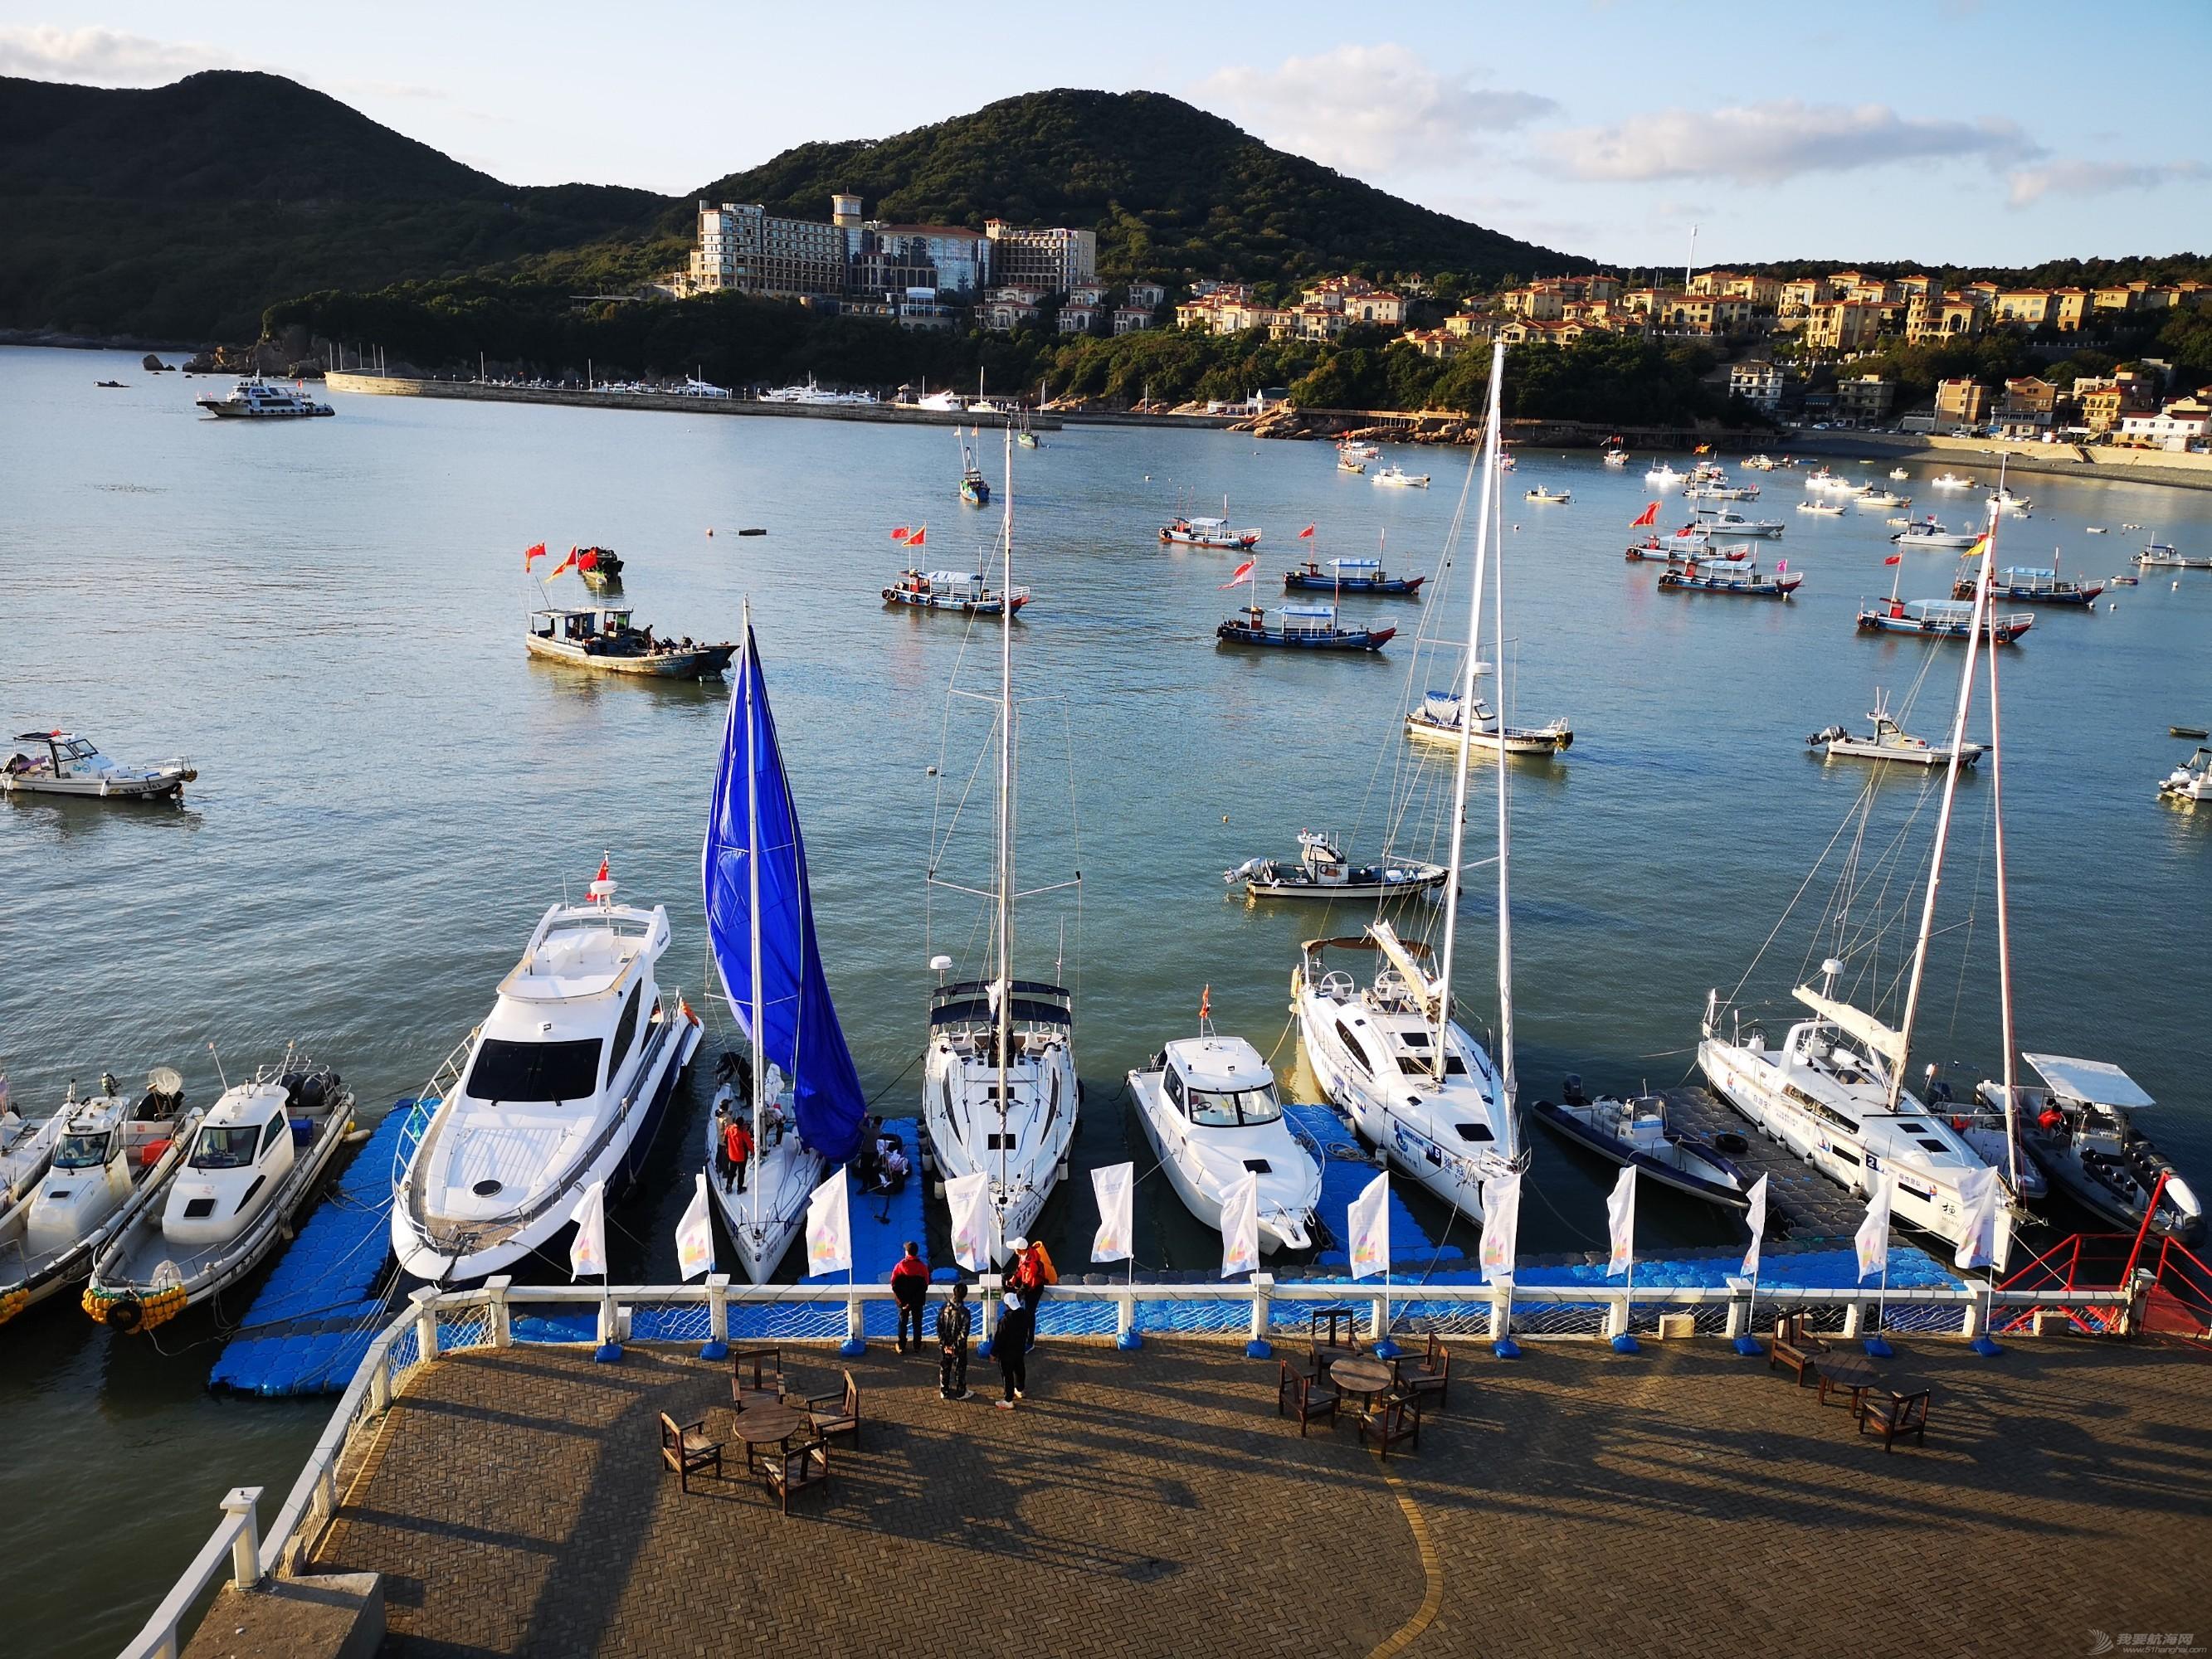 周末度假新方式,舟山大帆船跳岛航海游